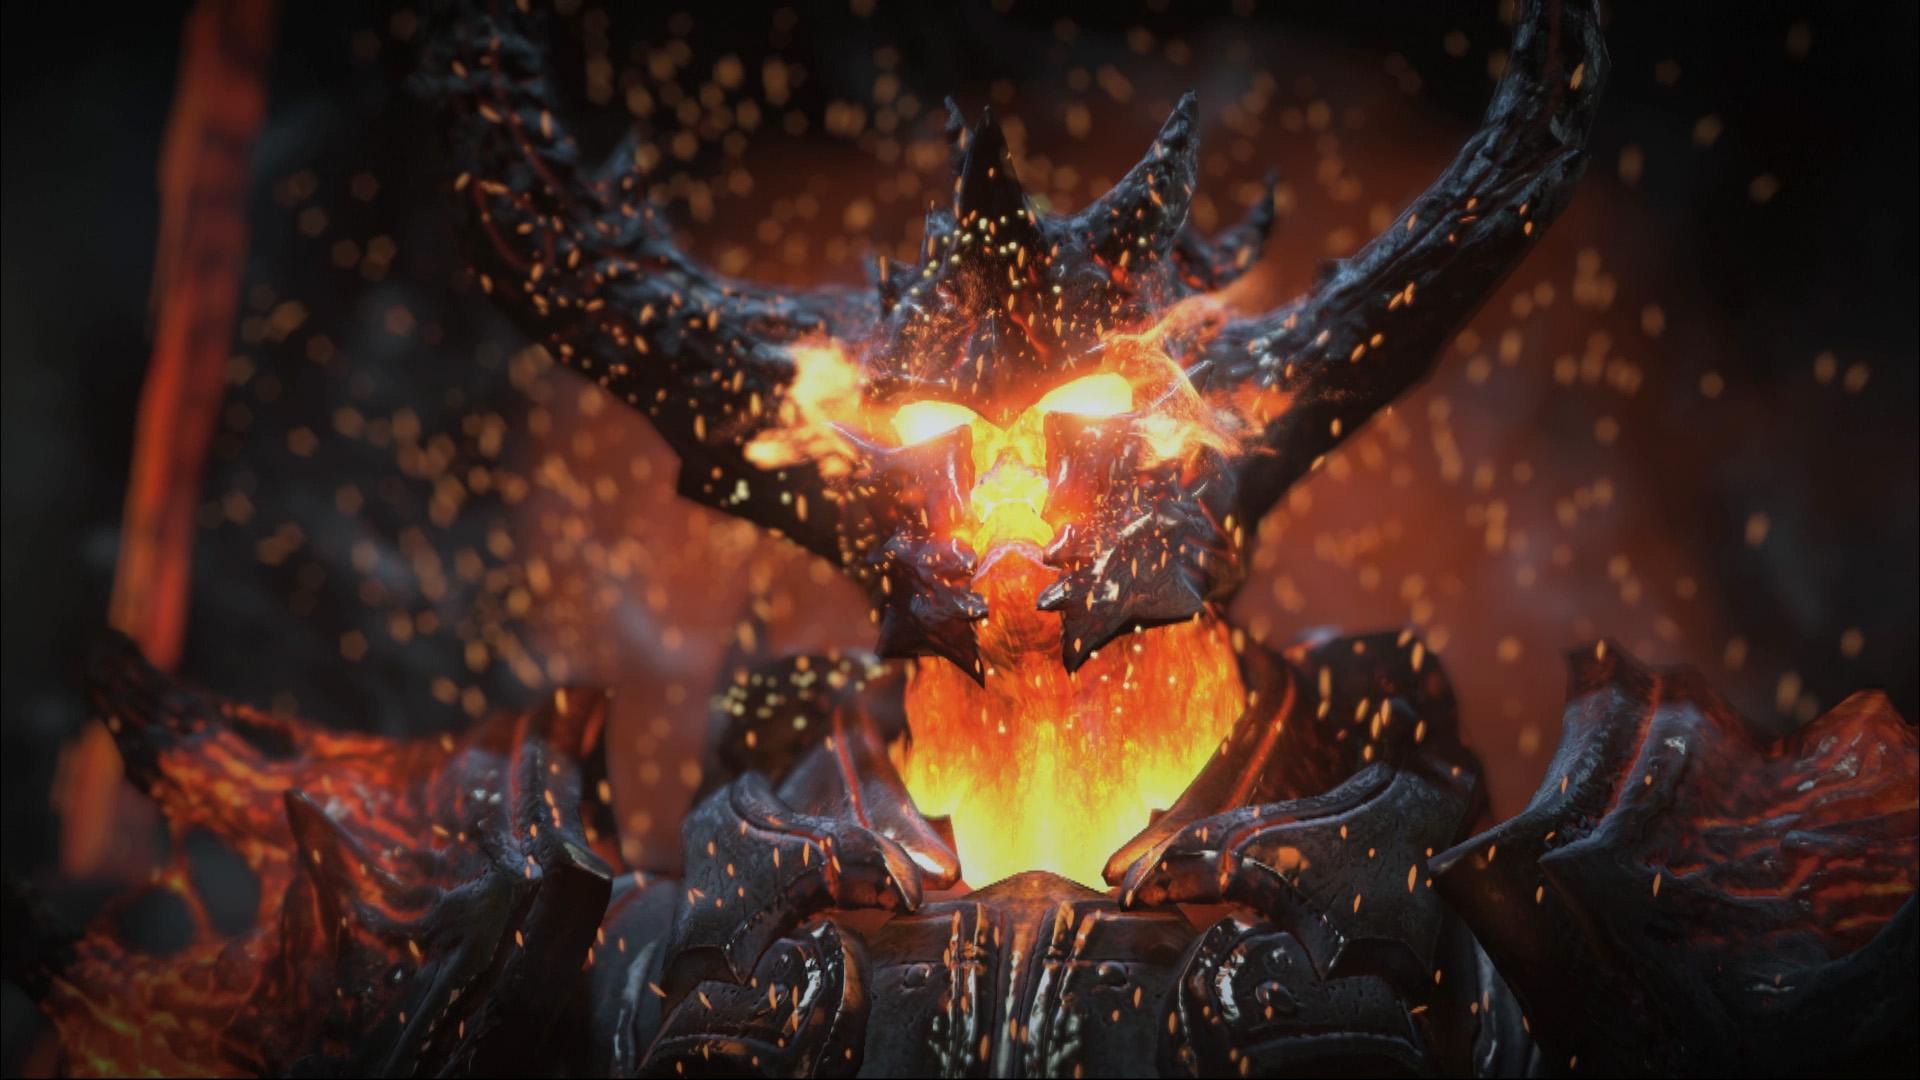 Det er ikke tvil: DirectX12 er en kjempefin gave til spillerne.